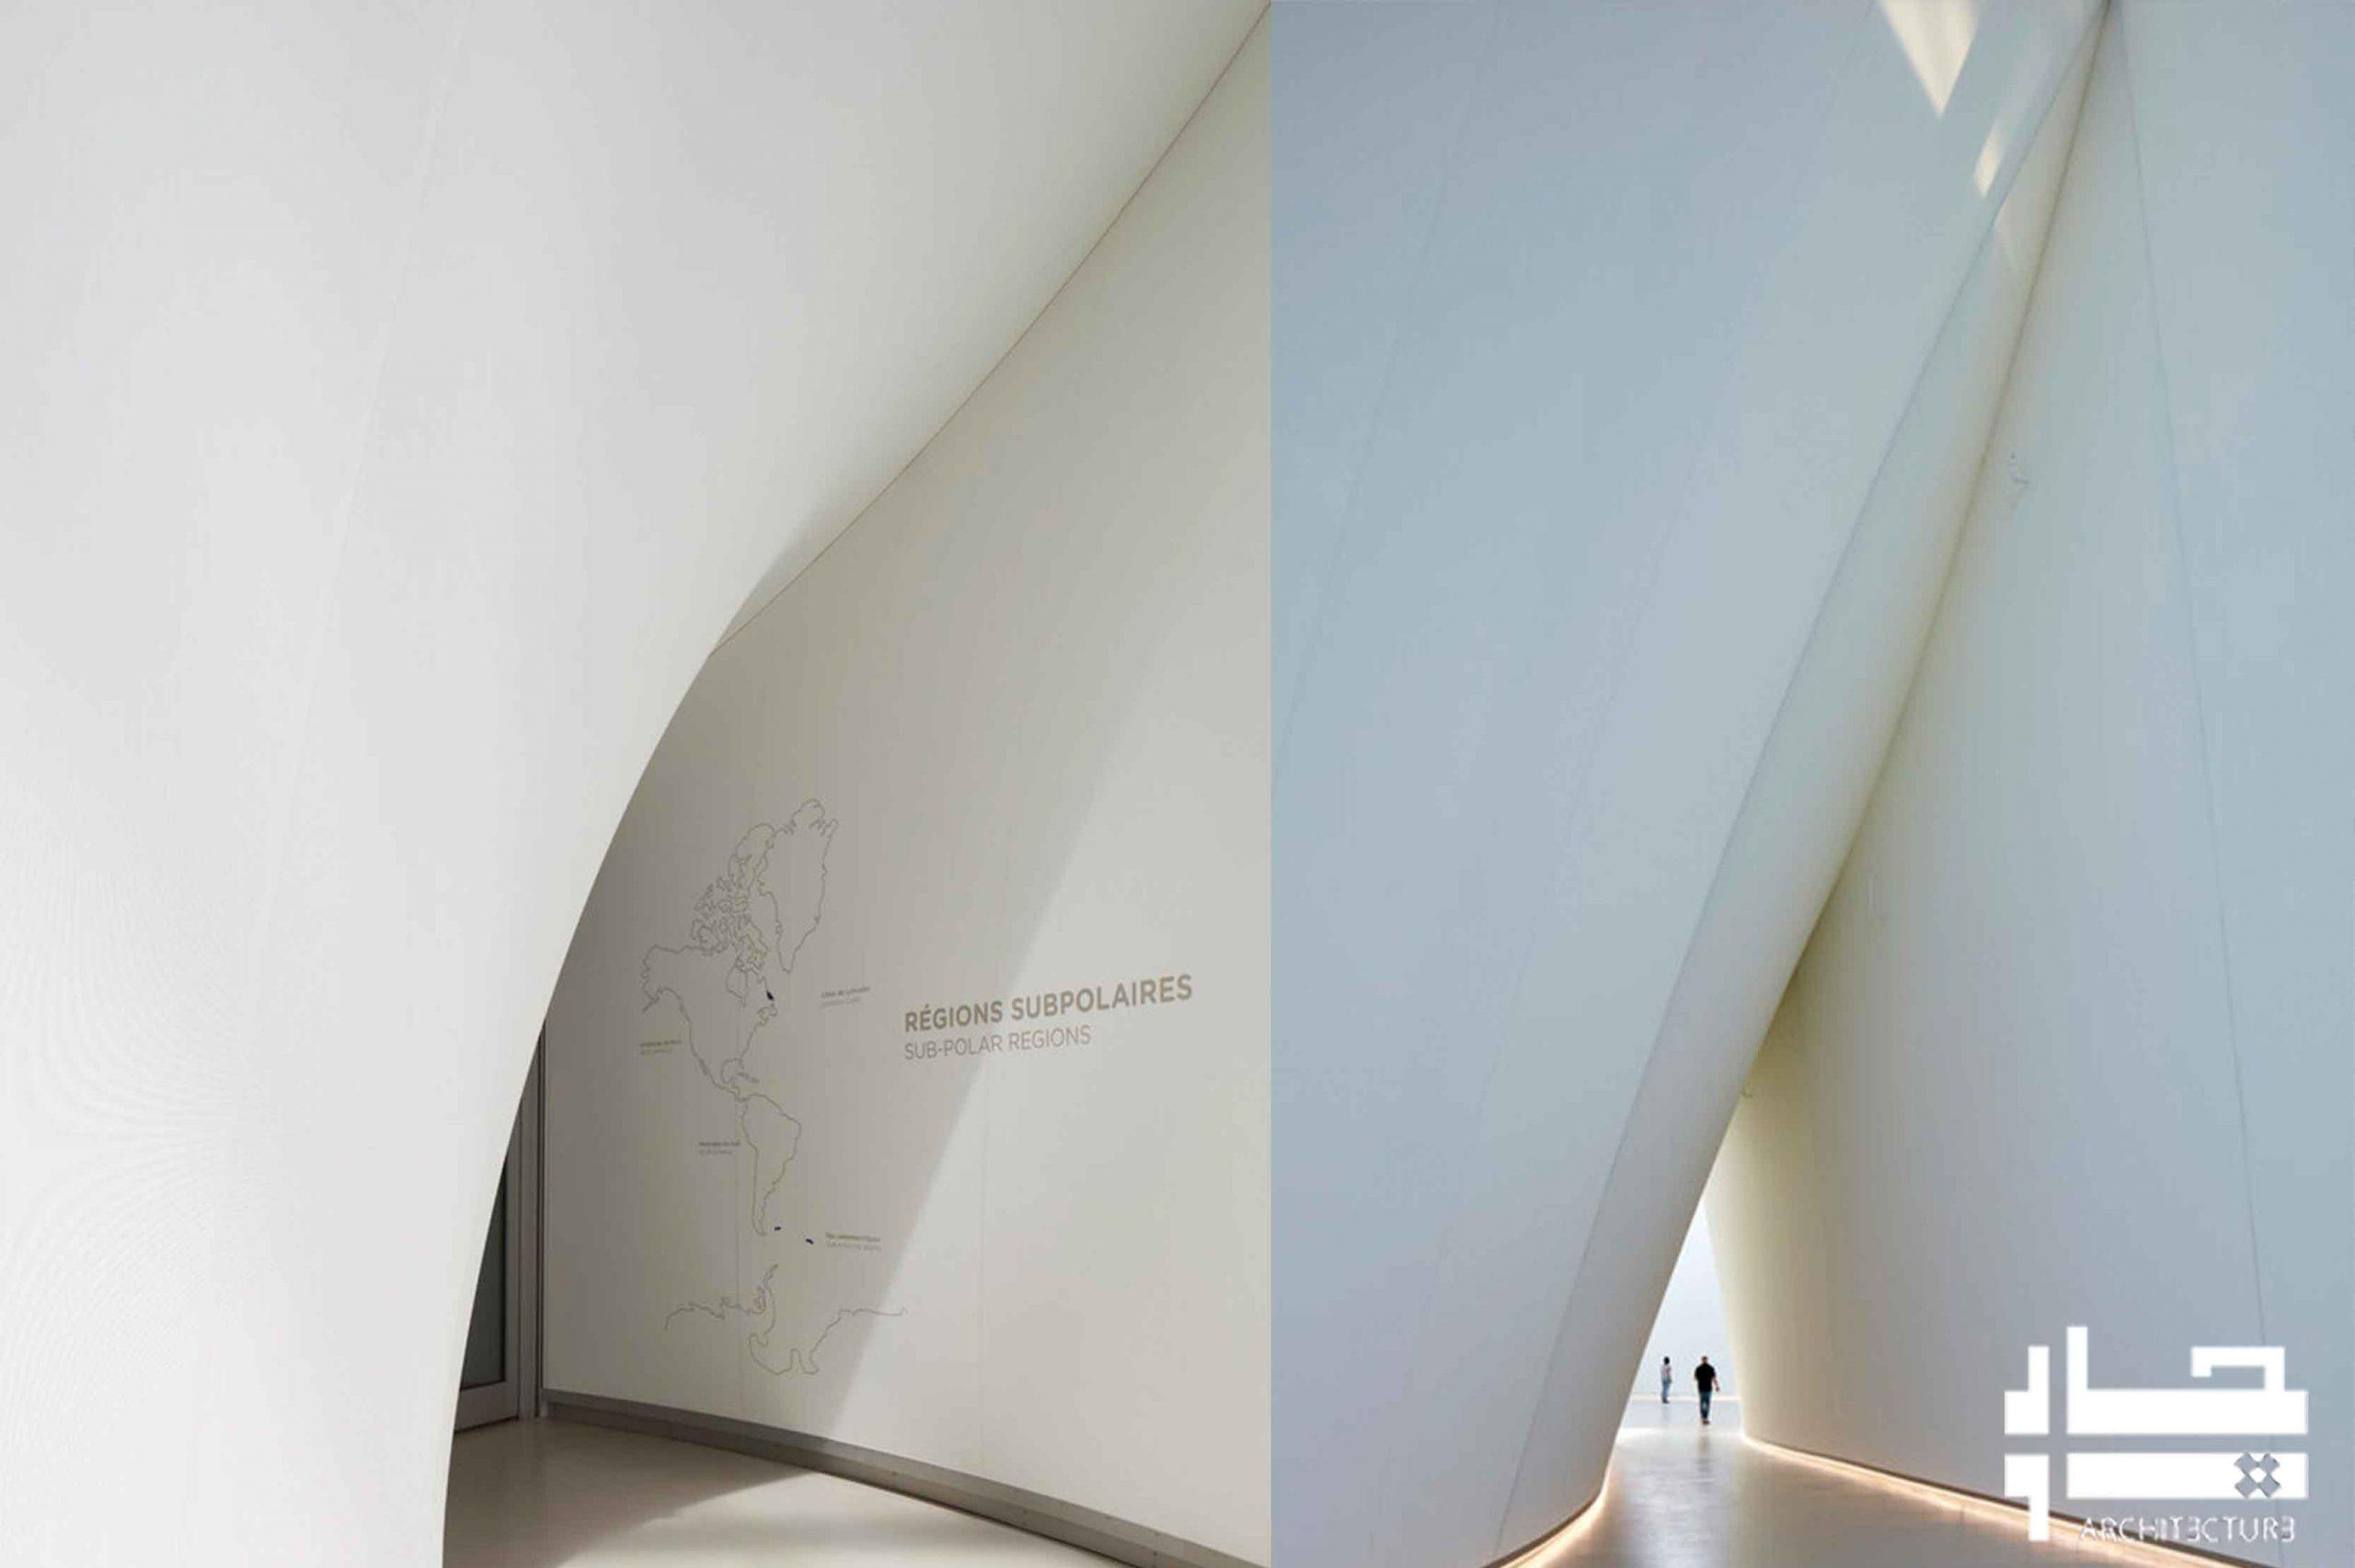 طراحی ابتکاری دروازه جدید شهری:«ساختمان هینج»